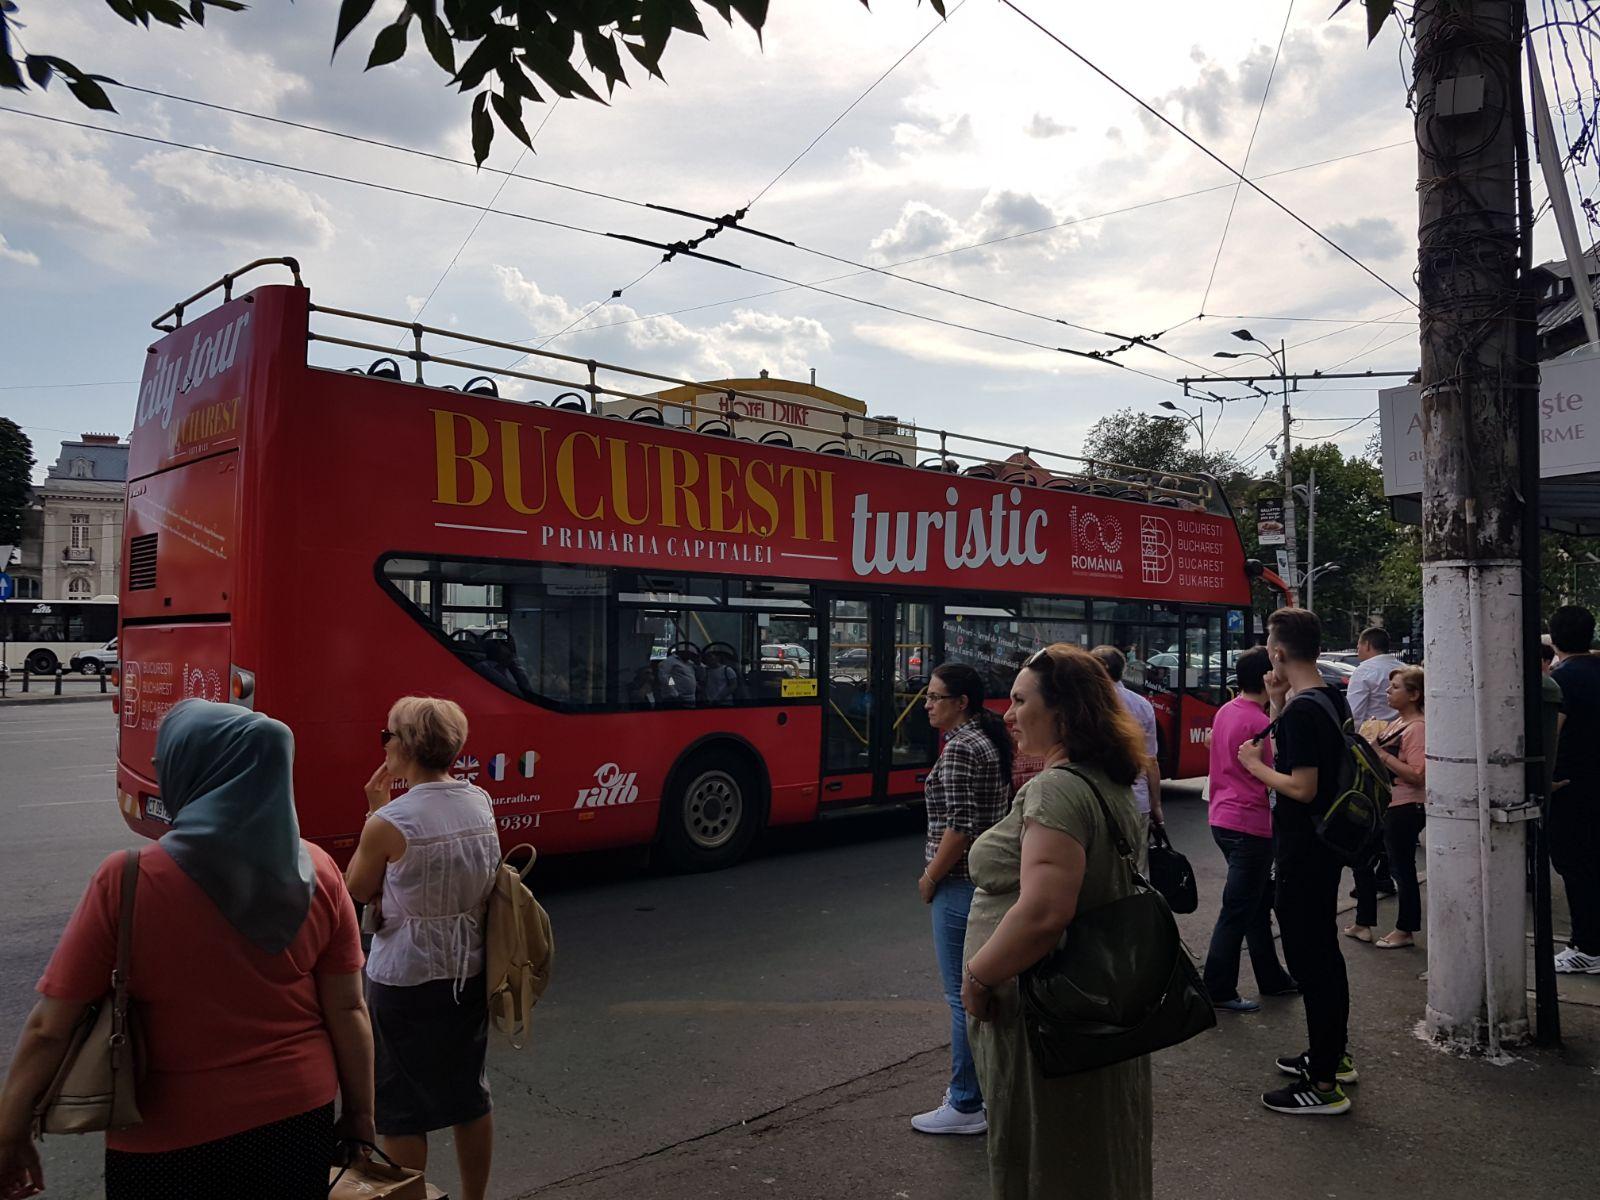 Acum câteva minute, în Piața Romană, un bus turistic